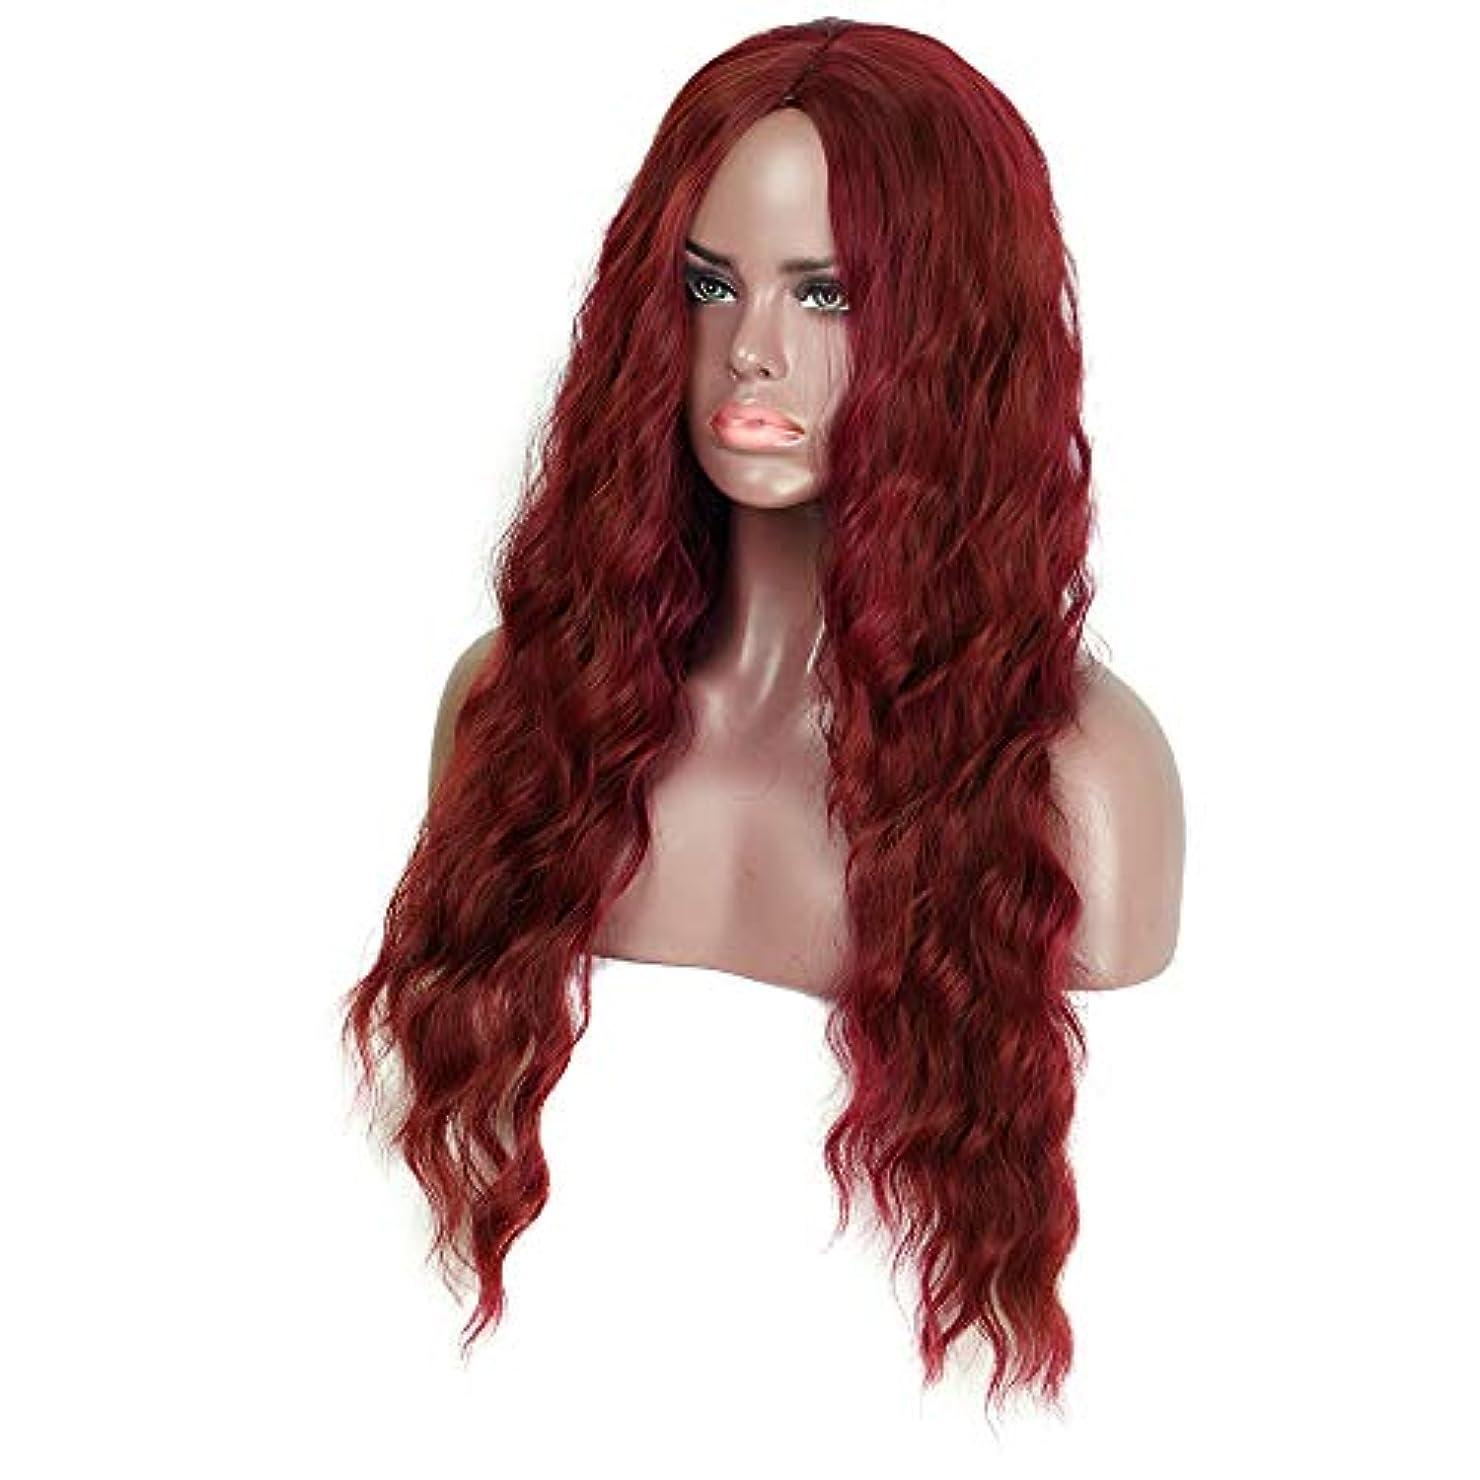 突然崇拝しますこんにちはウィッグレディースロングビッグウェーブヘア30インチダークワインレッドウルトラソフトナチュラルロングレッド人工毛ウィッグ女性用耐熱繊維パーティーコスプレアクセサリー